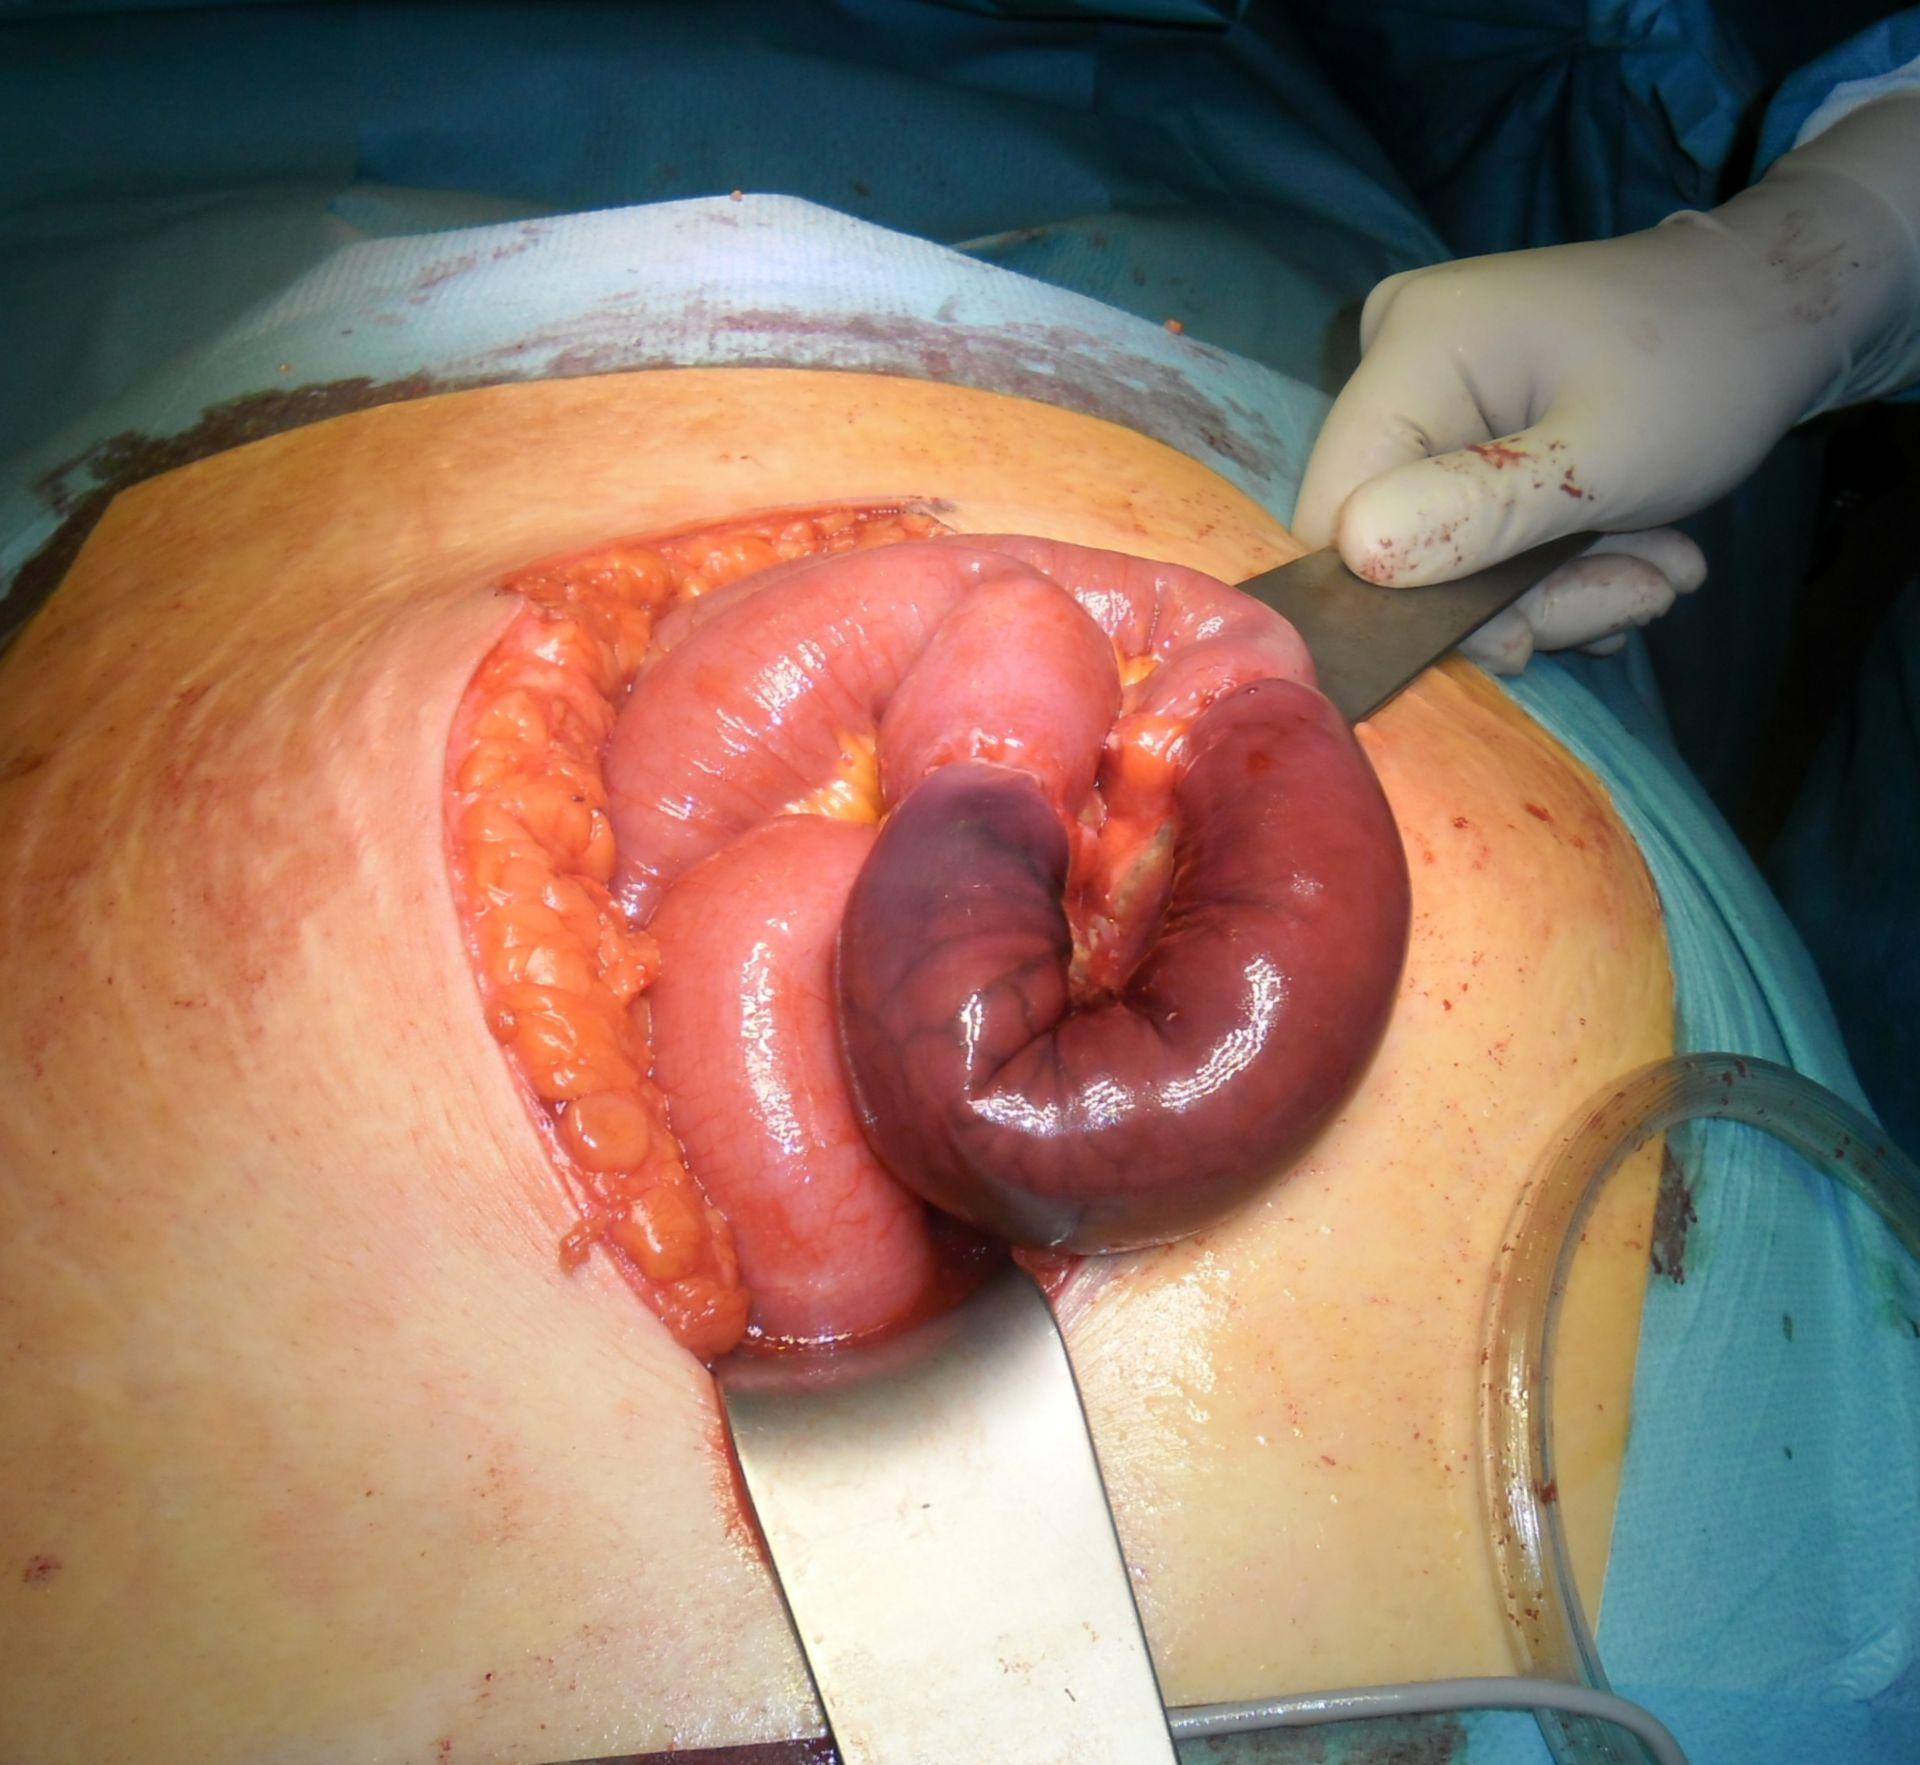 Inkarzerierte epigastrische Hernie